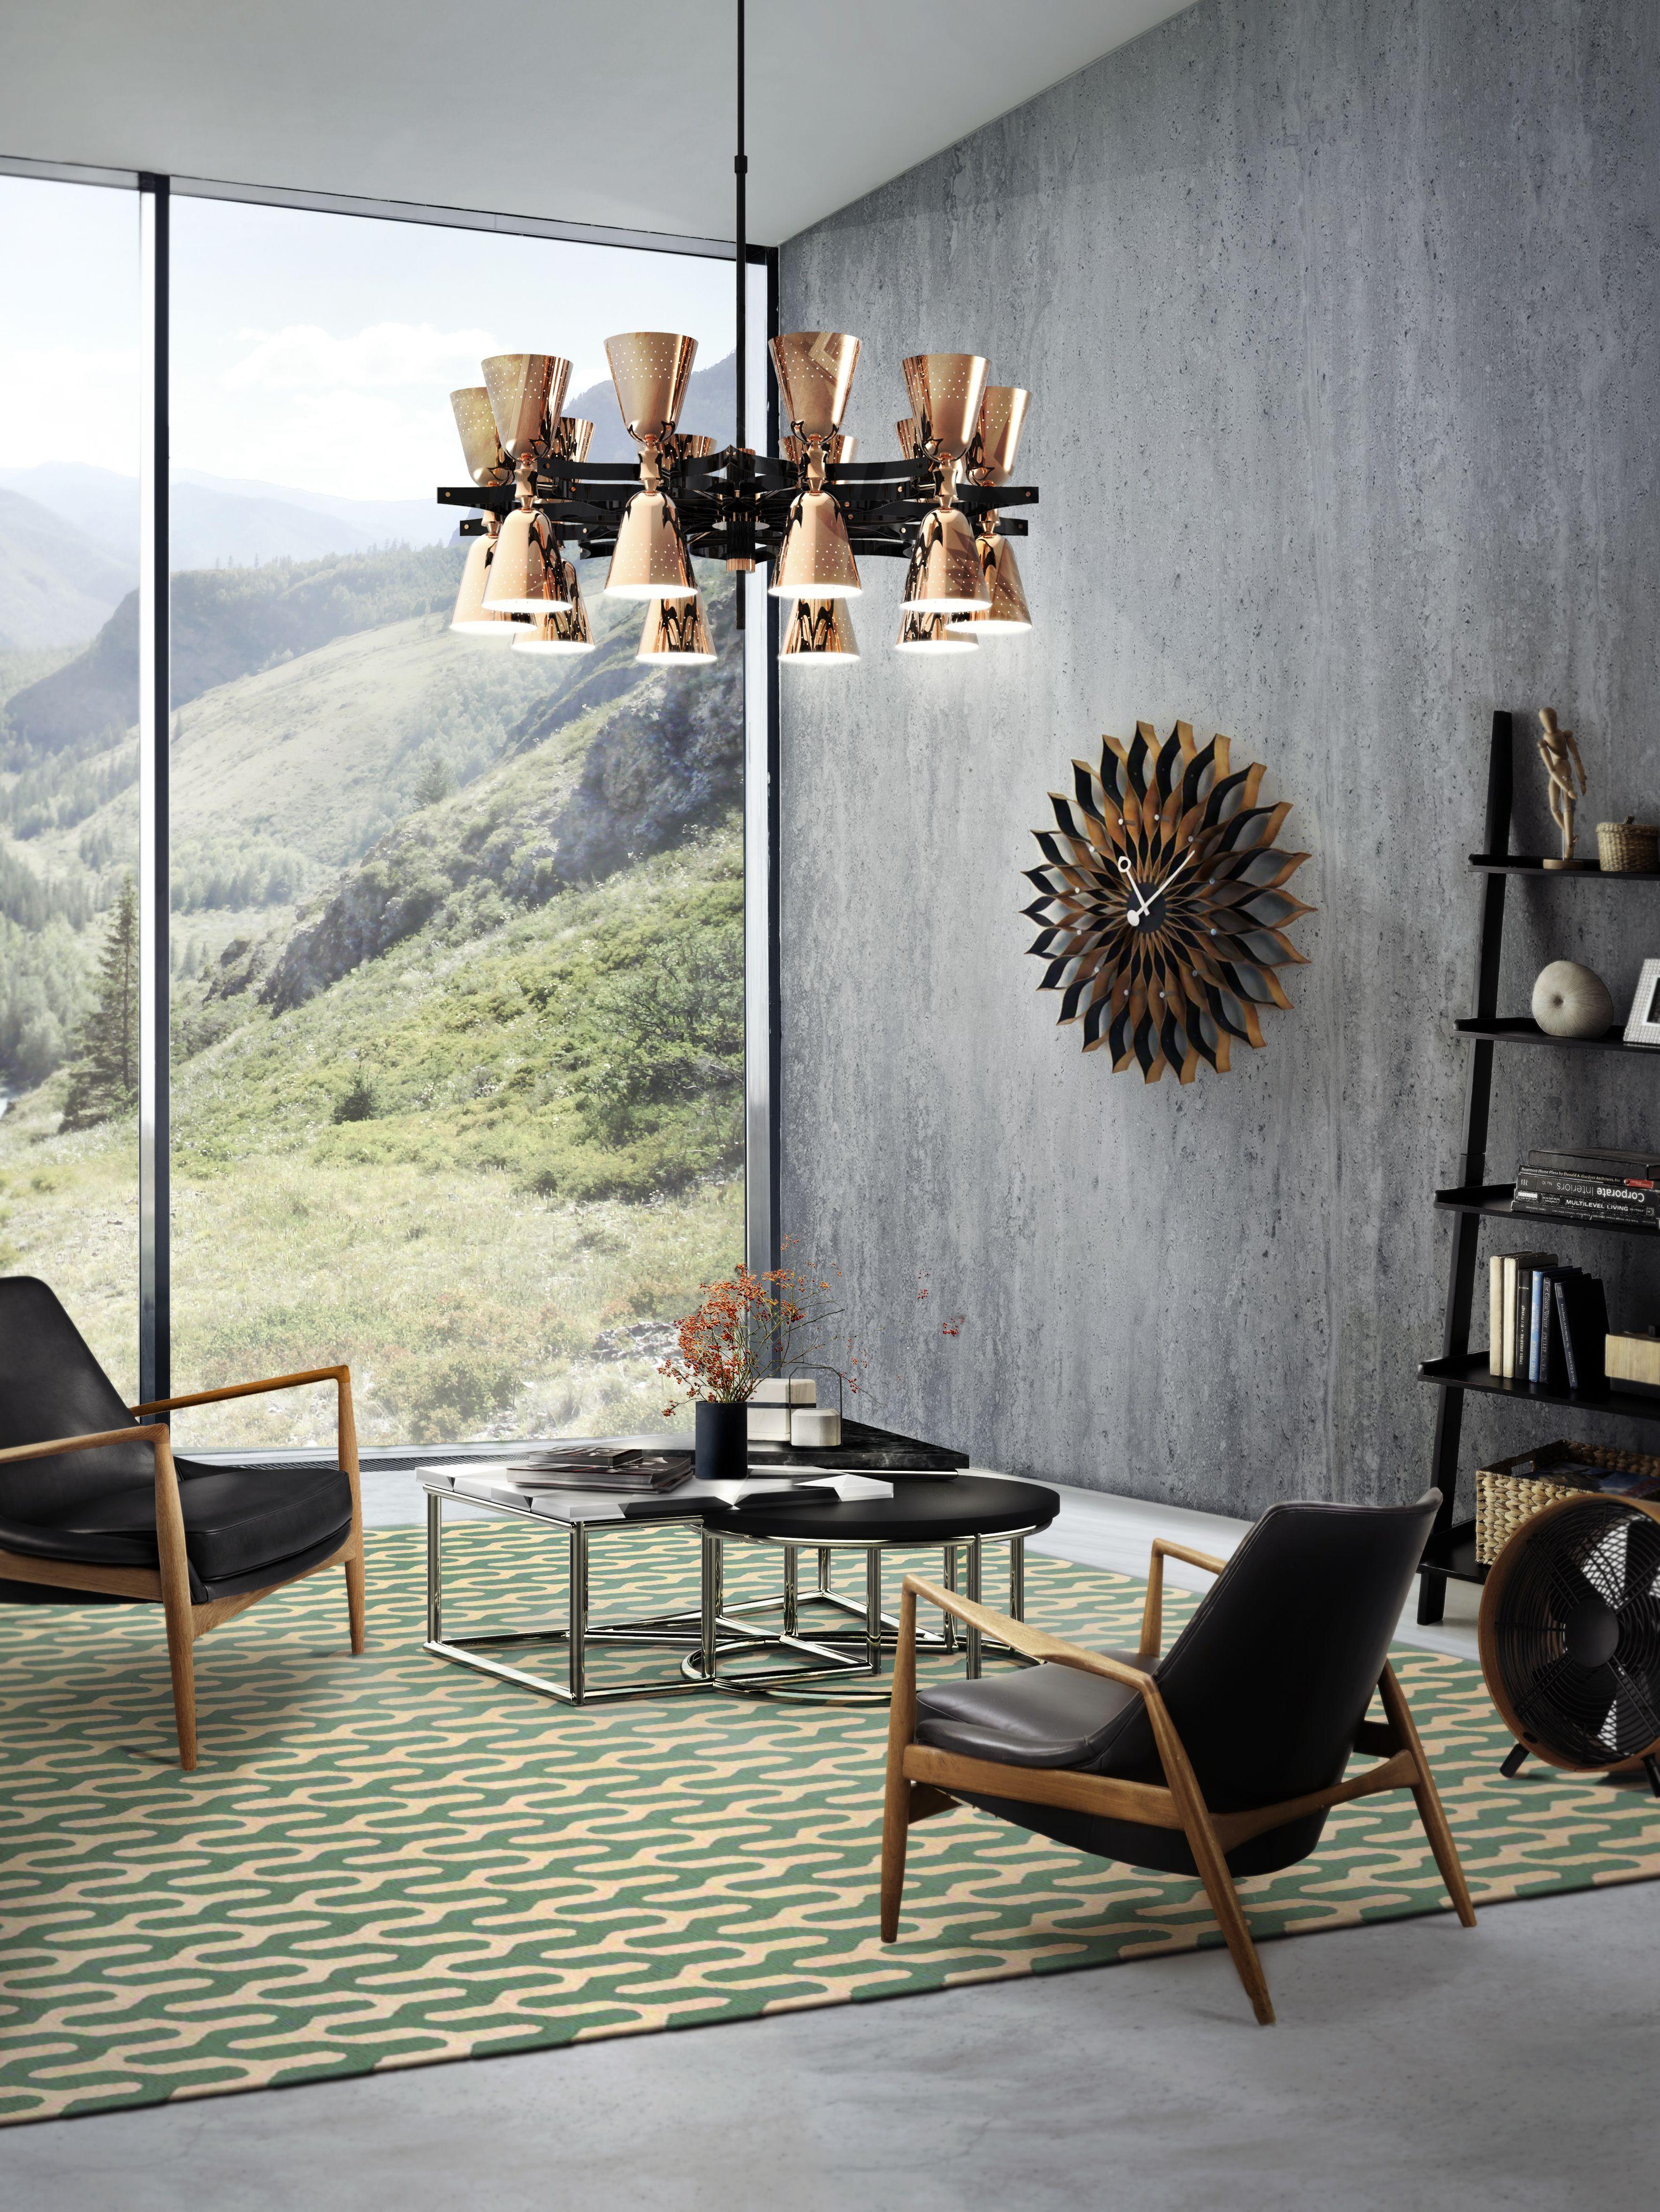 Schon Www.wohn Designtrend.de Samt Sofa | Wohnideen | Einrichtungsideen | Schöner  Wohnen